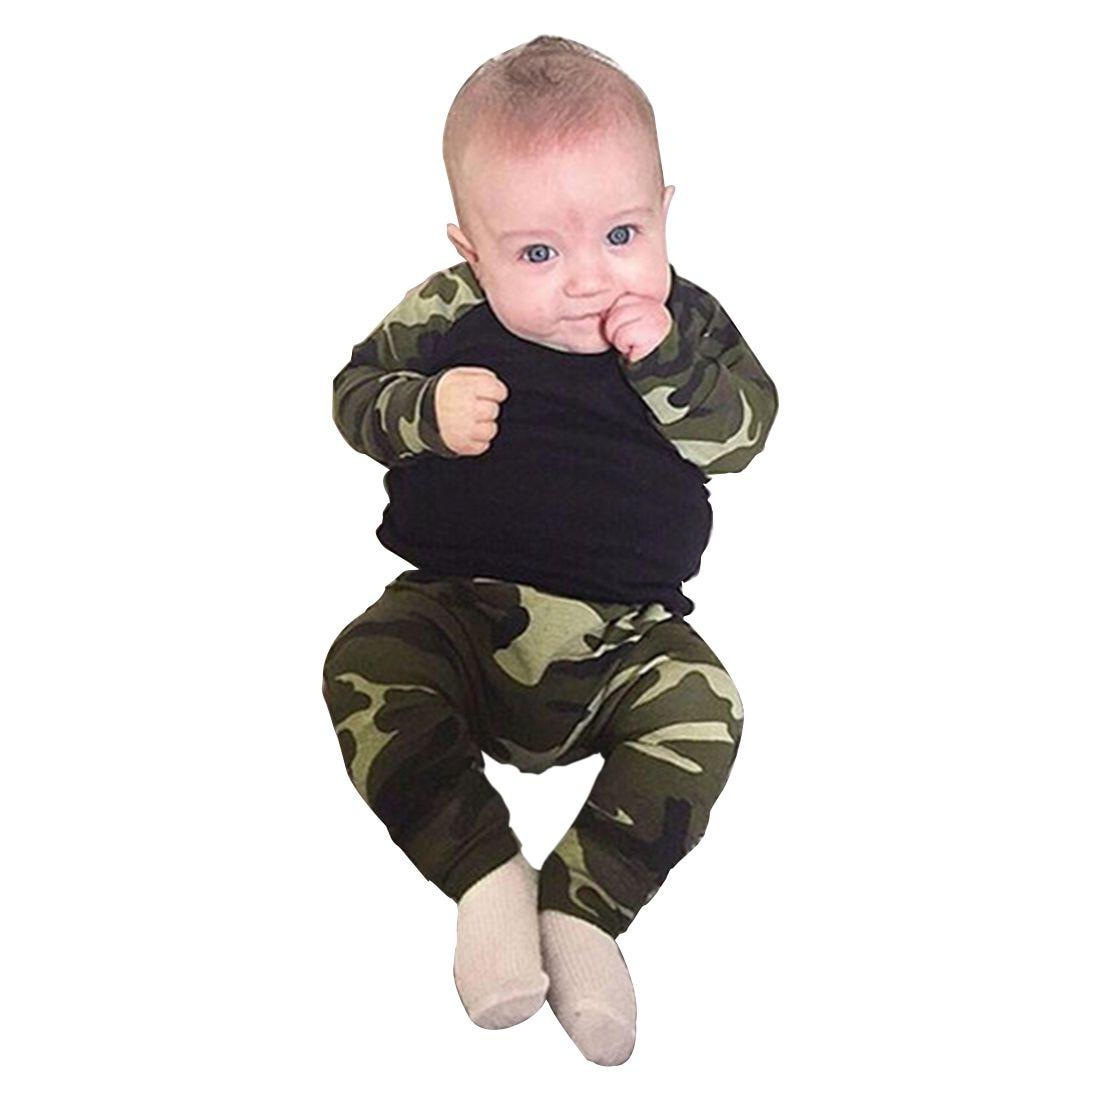 Abwe Best продаж Симпатичные новорожденных для маленьких мальчиков детская футболка Топ + длинные штаны комплект одежды, черный и камуфляж 70 см